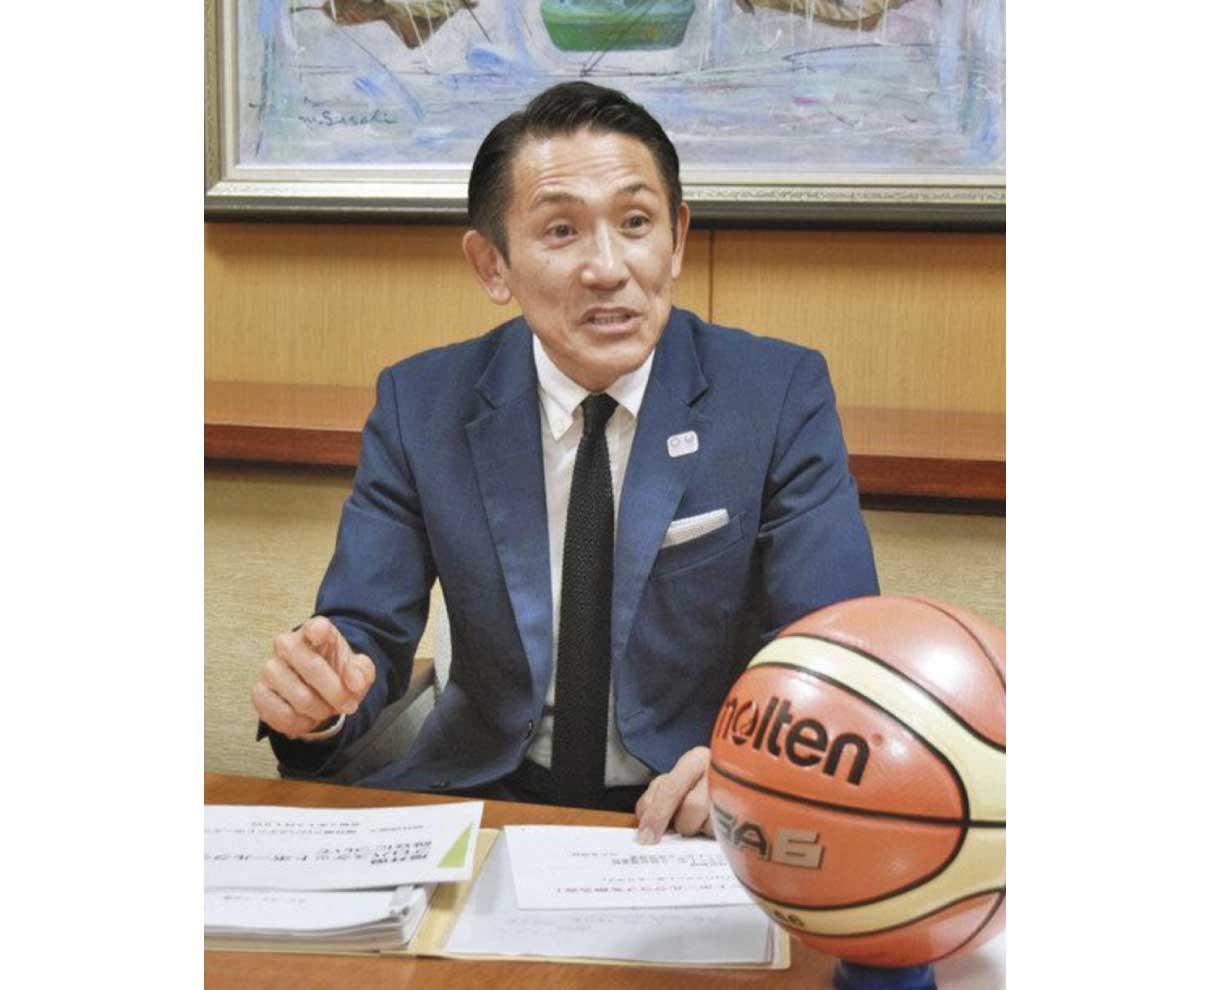 プロバスケ運営団体代表理事・西さん「県民元気にするチームを」 Bリーグ参戦へ熱い思い